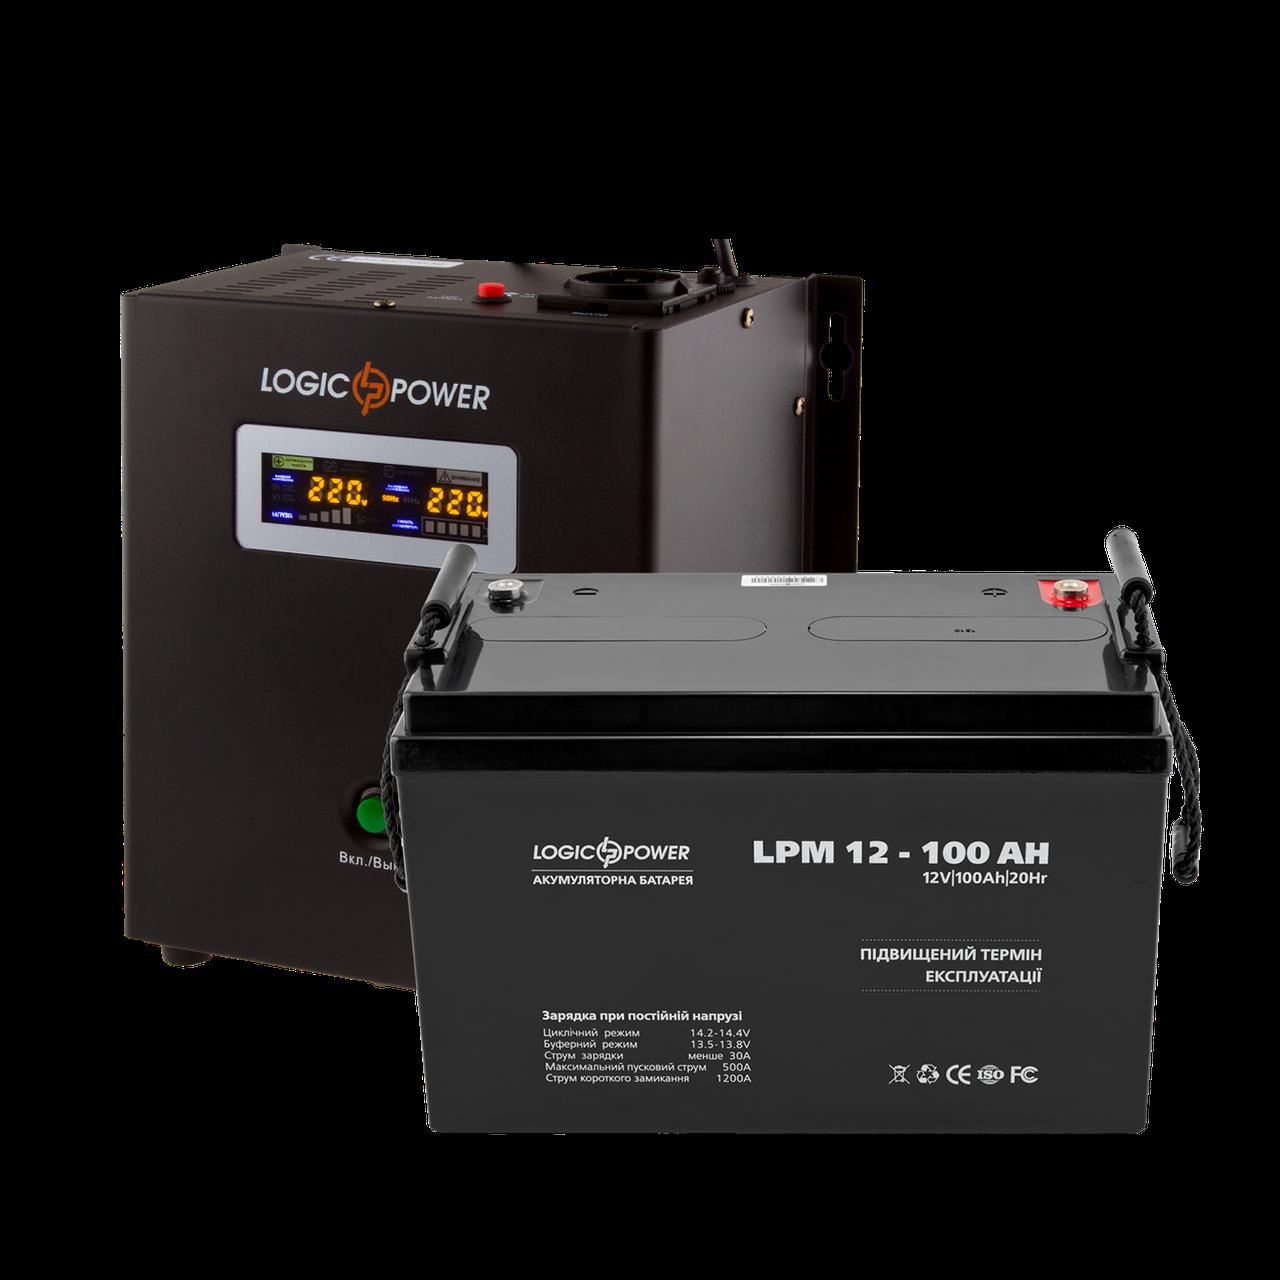 Комплект резервного питания для котла LogicPower ИБП 500VA + AGM батарея 1300W